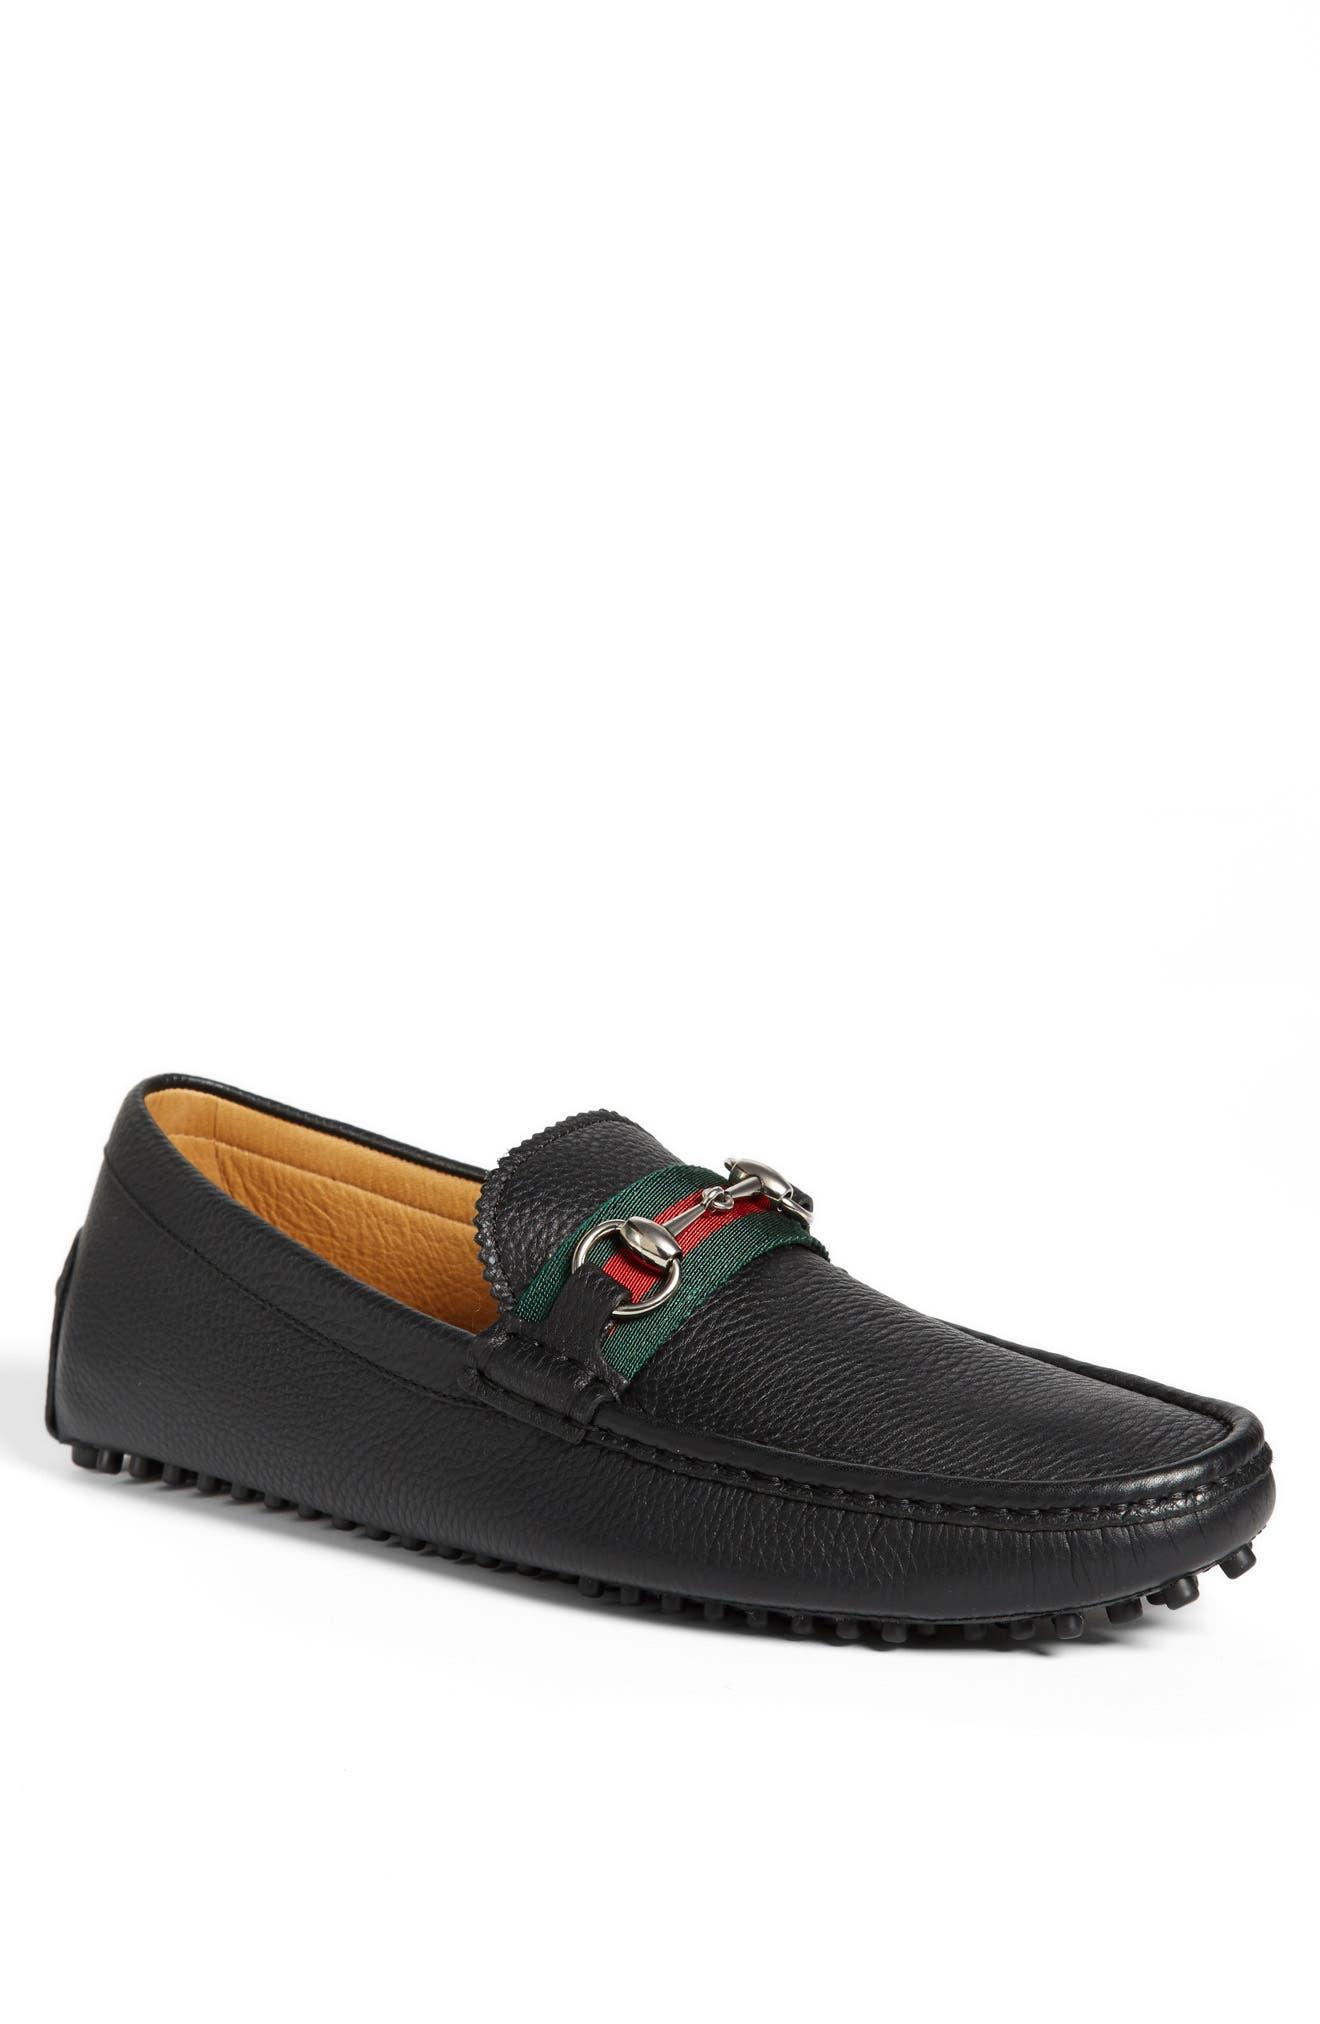 'Damo' Driving Shoe,                             Main thumbnail 1, color,                             Black